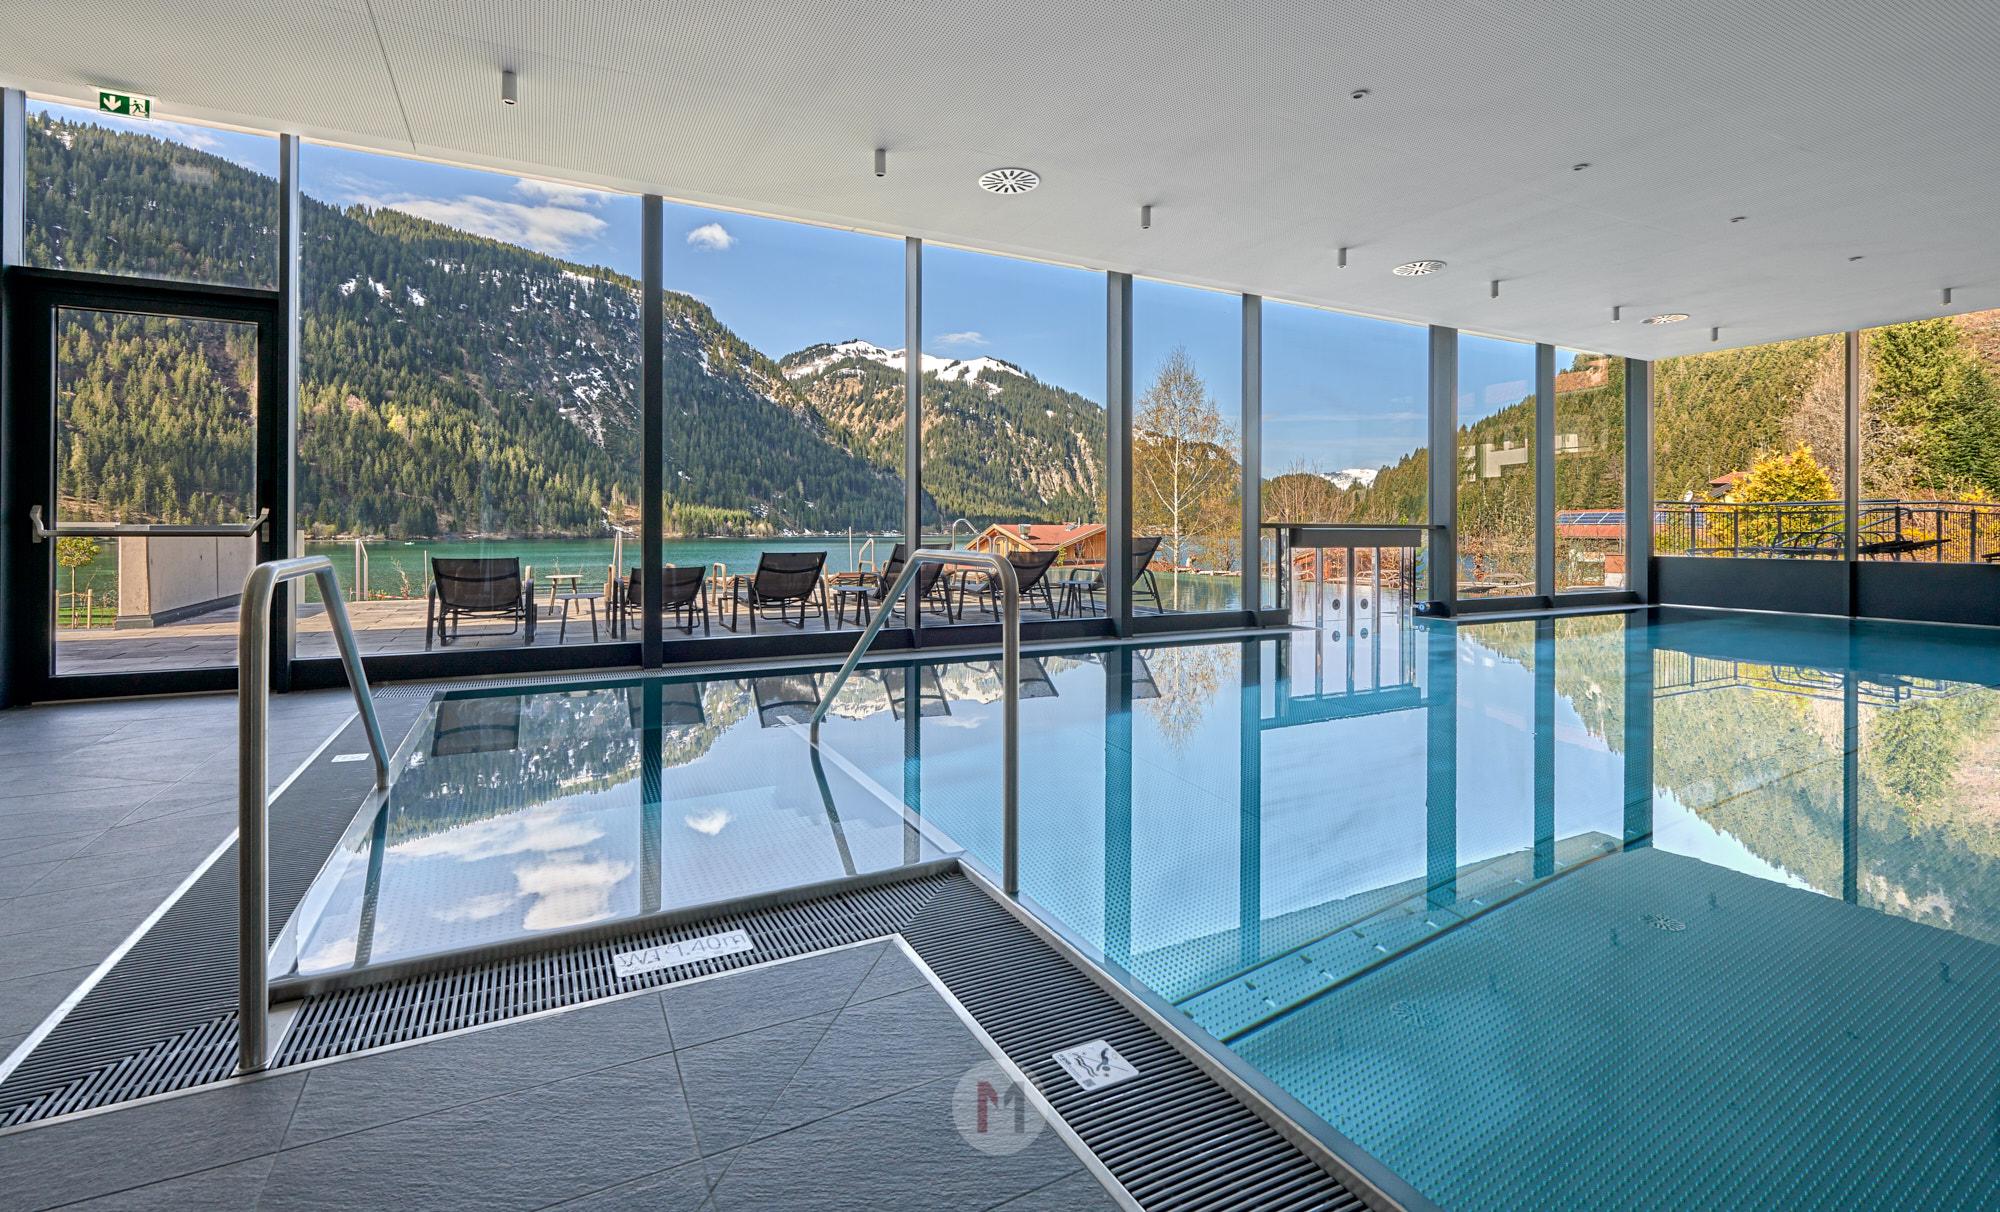 Hotel Haldensee, Tannheimer Tal, Tirol, Österreich by ACHIM MEURER.